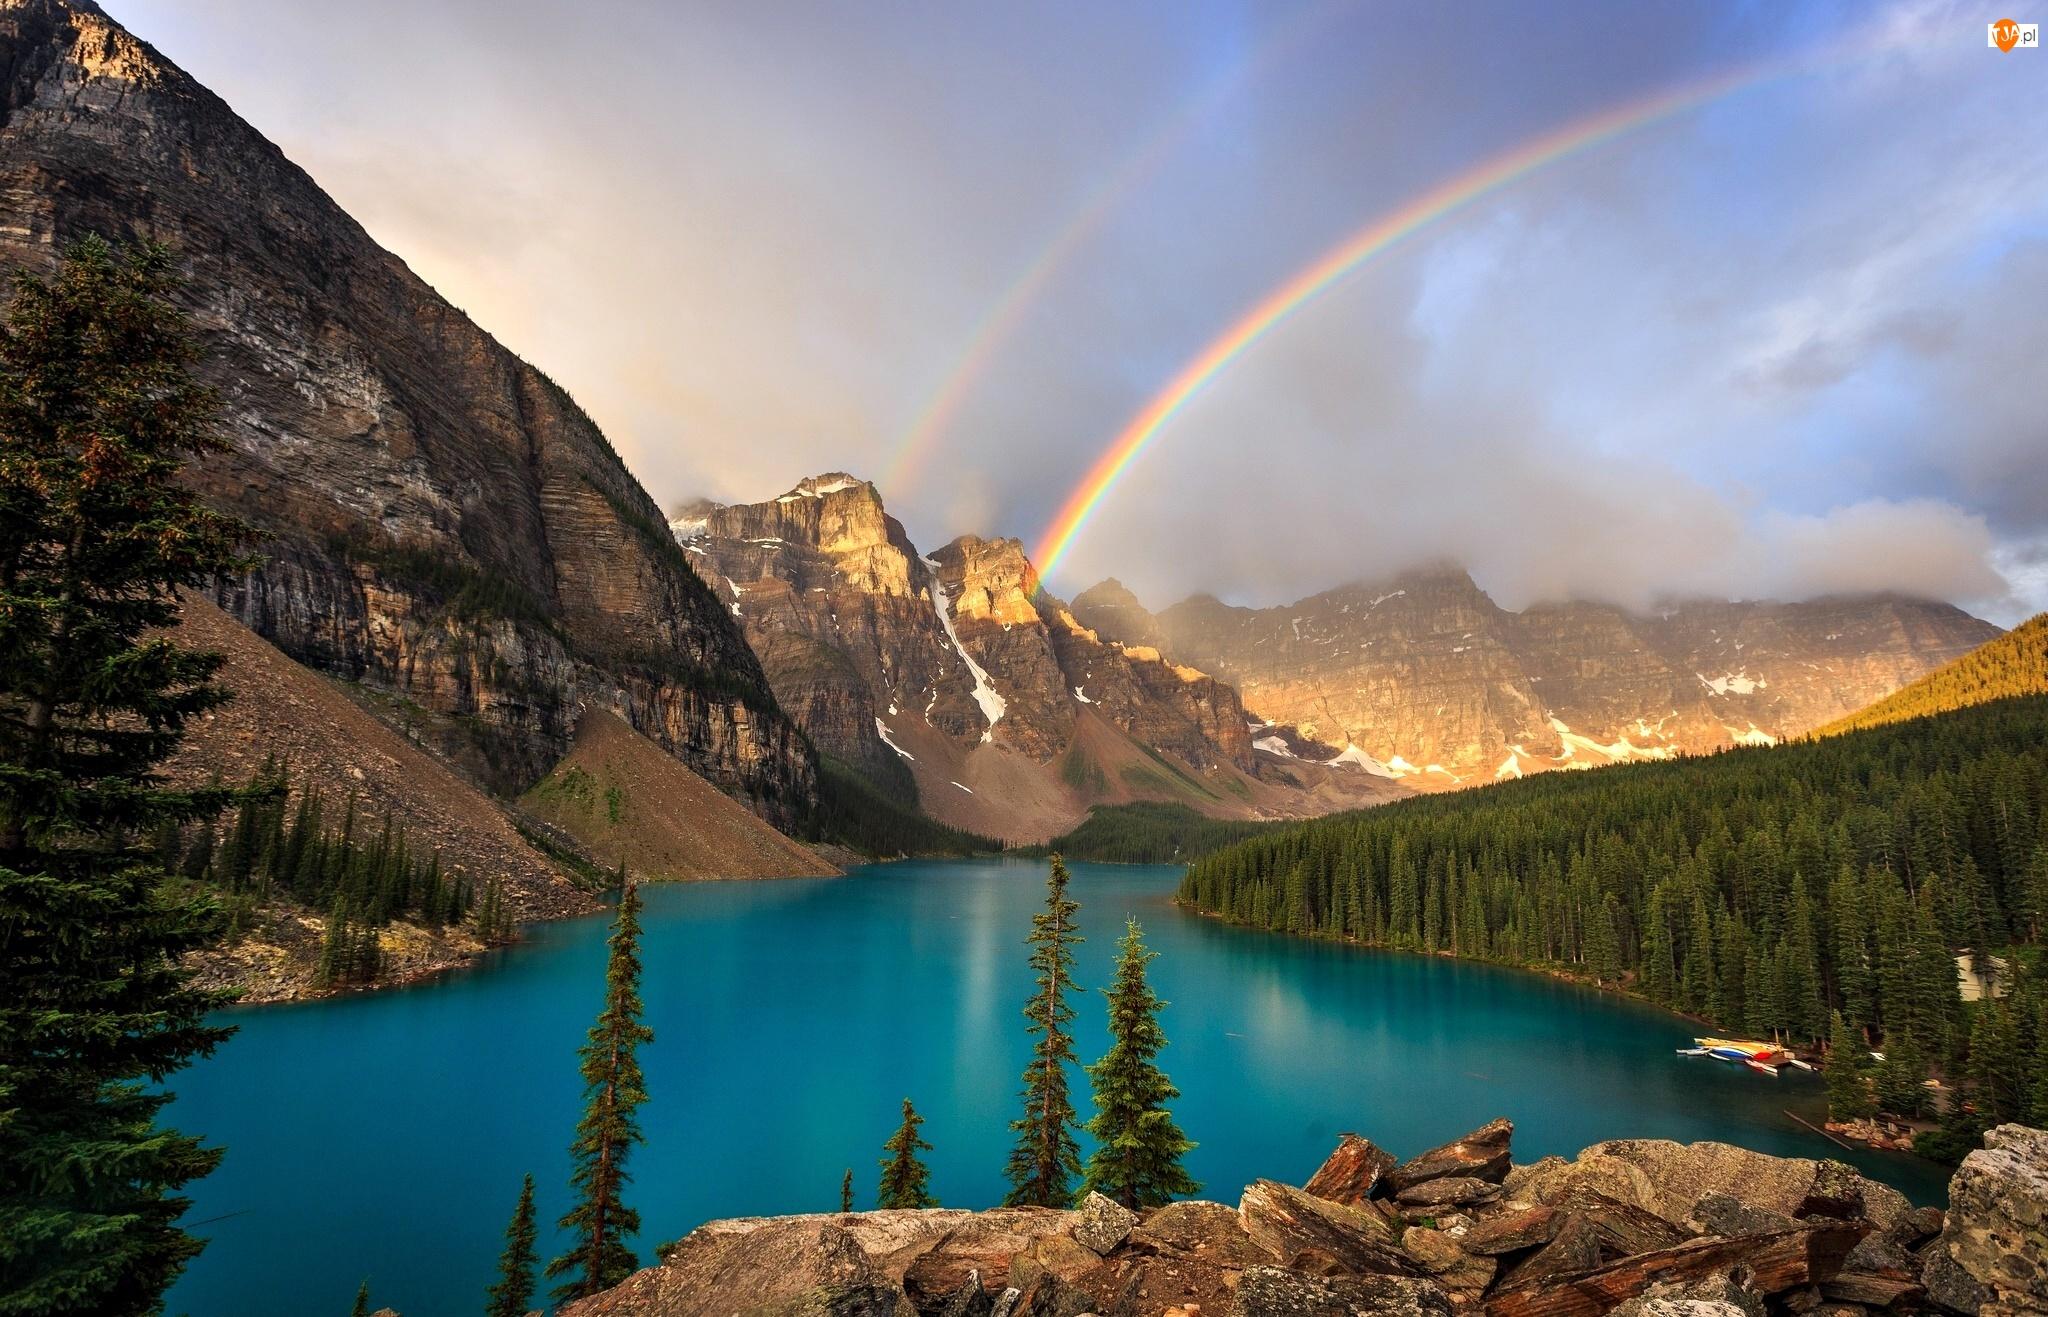 Kanada, Jezioro Moraine, Park Narodowy Banff, Dolina Dziesięciu Szczytów, Alberta